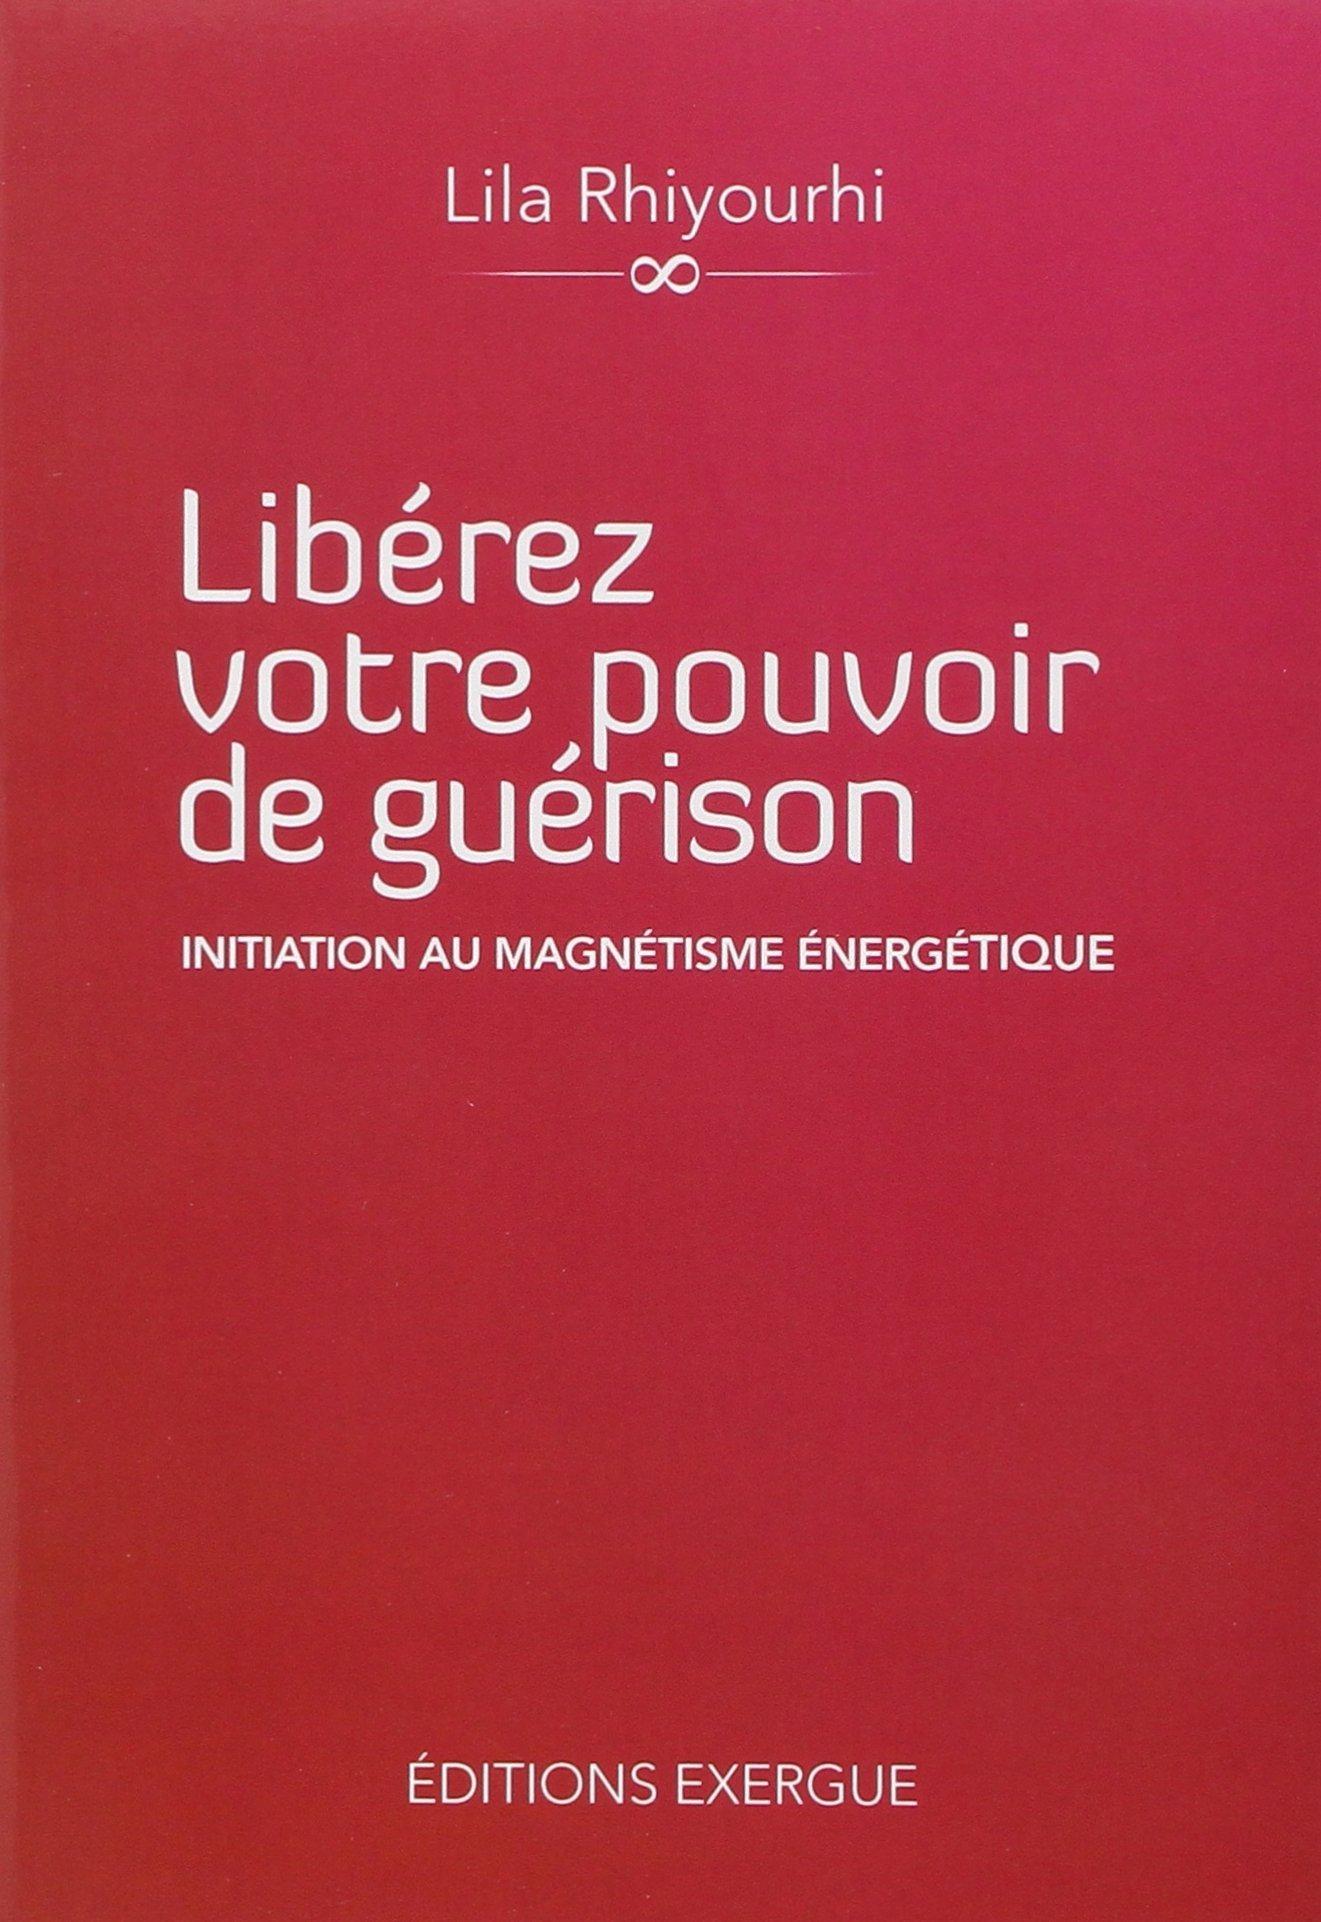 LIBEREZ VOTRE POUVOIR DE GUERISON, INITIATION AU MAGNETISME ENERGETIQUE